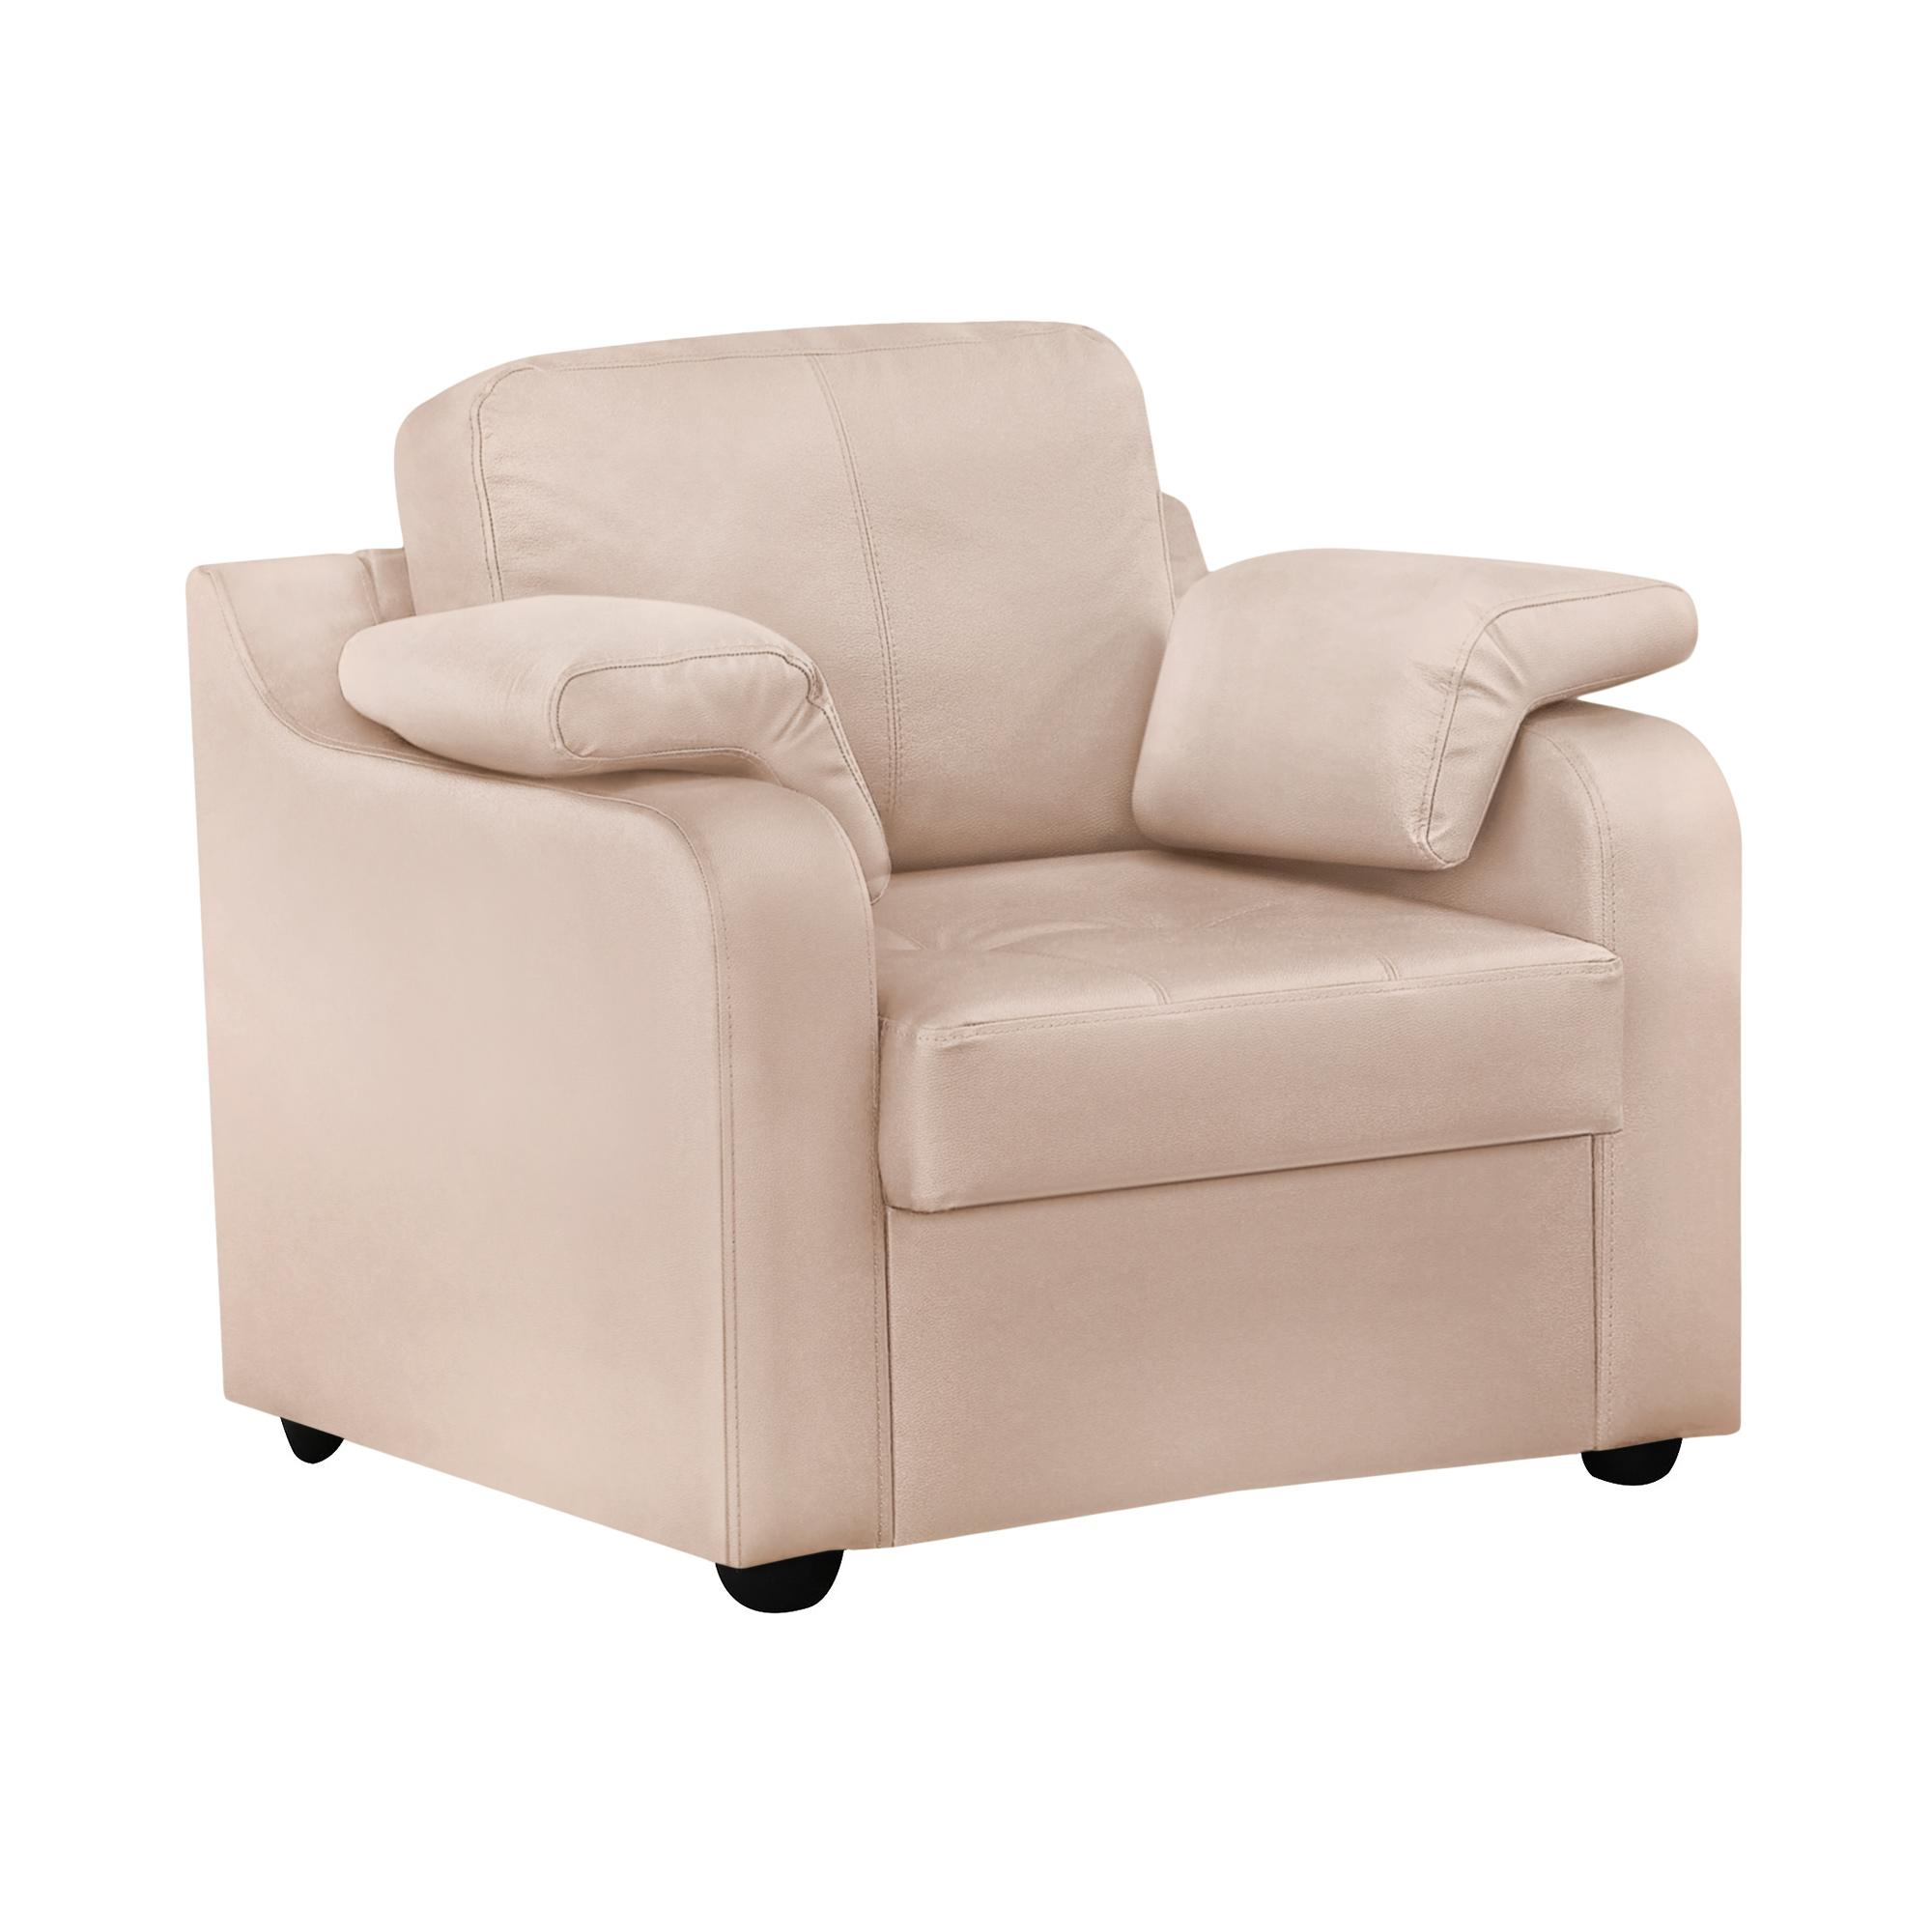 Кресло ФС Надия натуральная кожа 89x88x88 кремовый